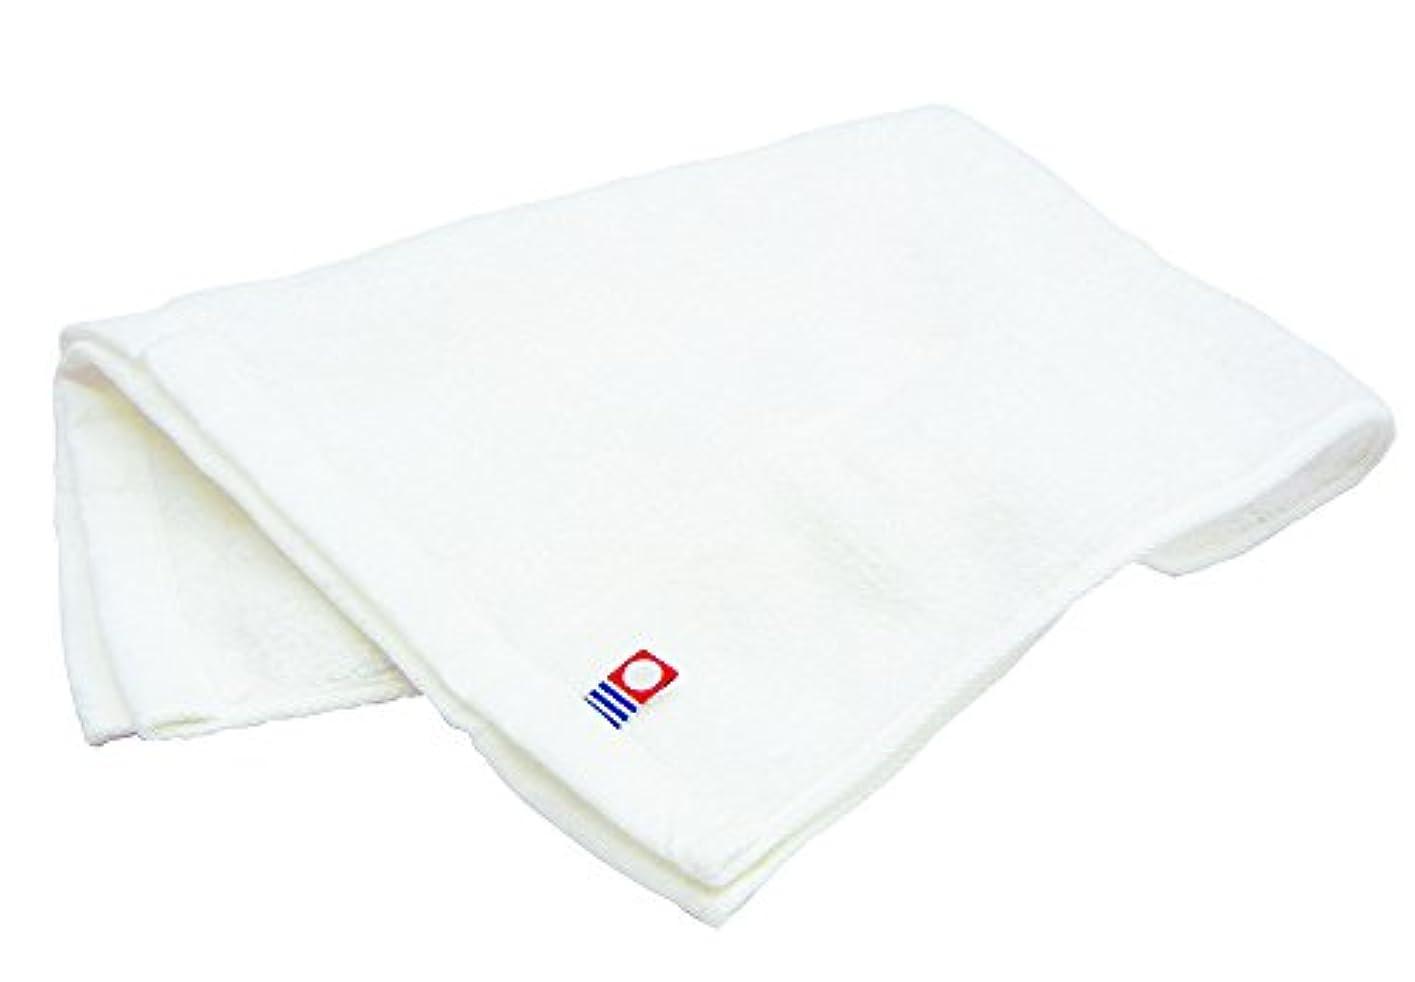 アルコーブクライアント洗うパルマート 今治タオル ハンドタオル 41×32.5cm 今治 ブランド タオル 高級 吸水性抜群